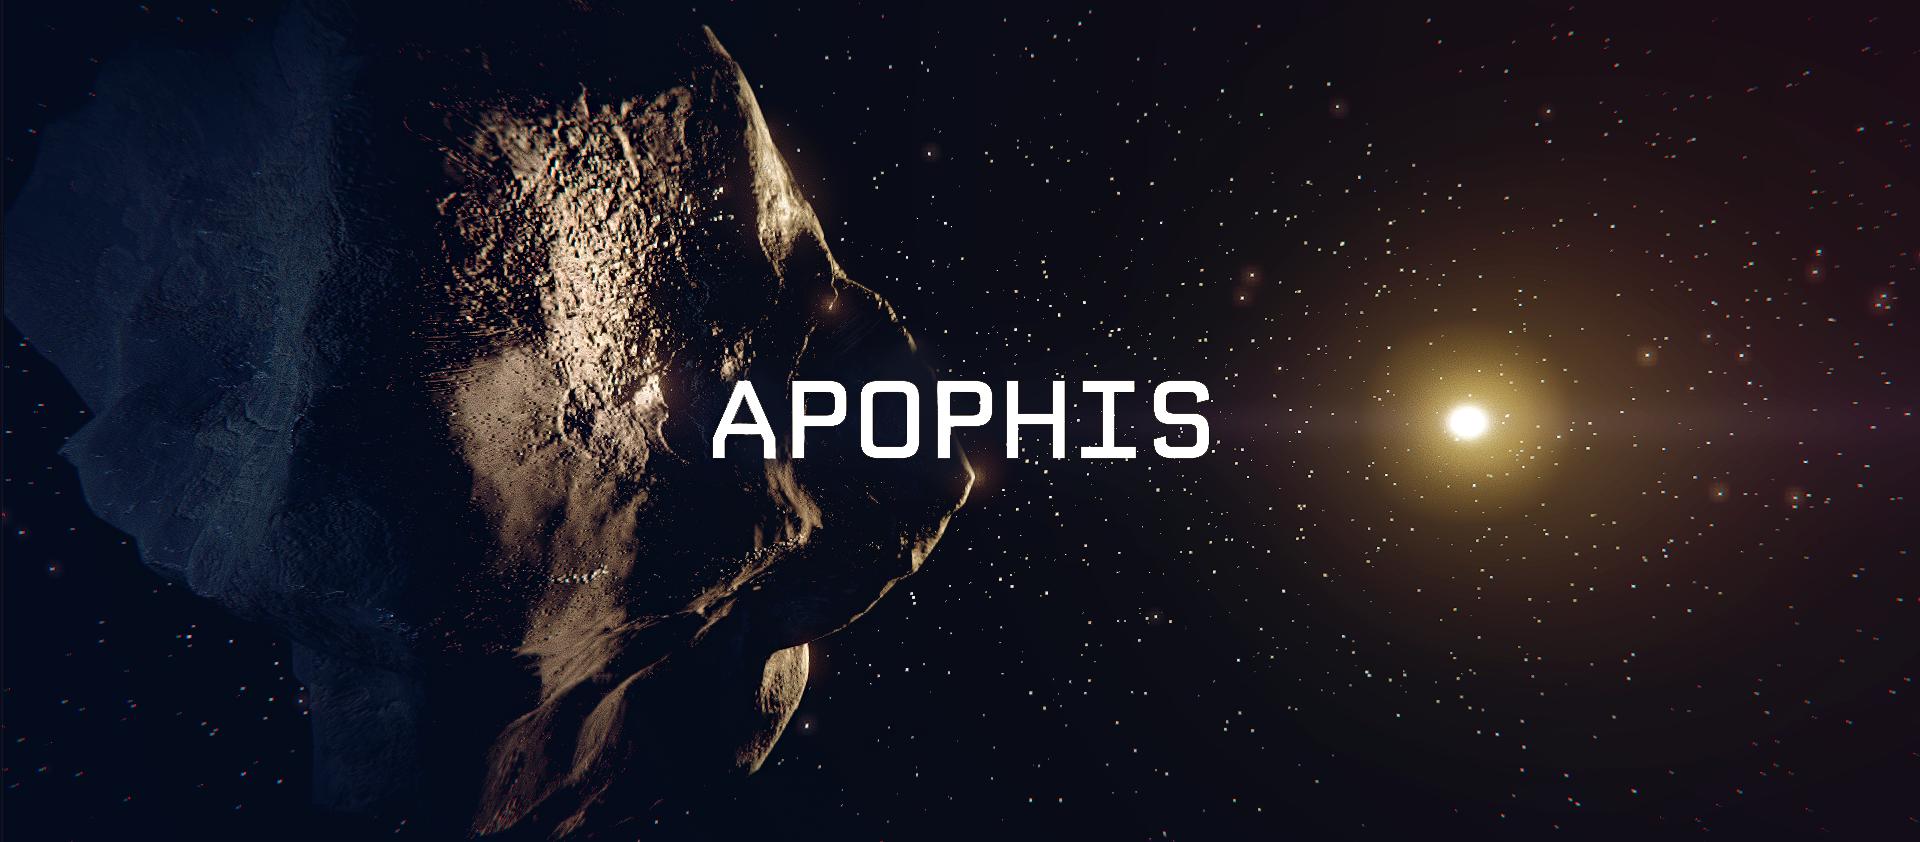 Apophis (Ludum Dare 38)